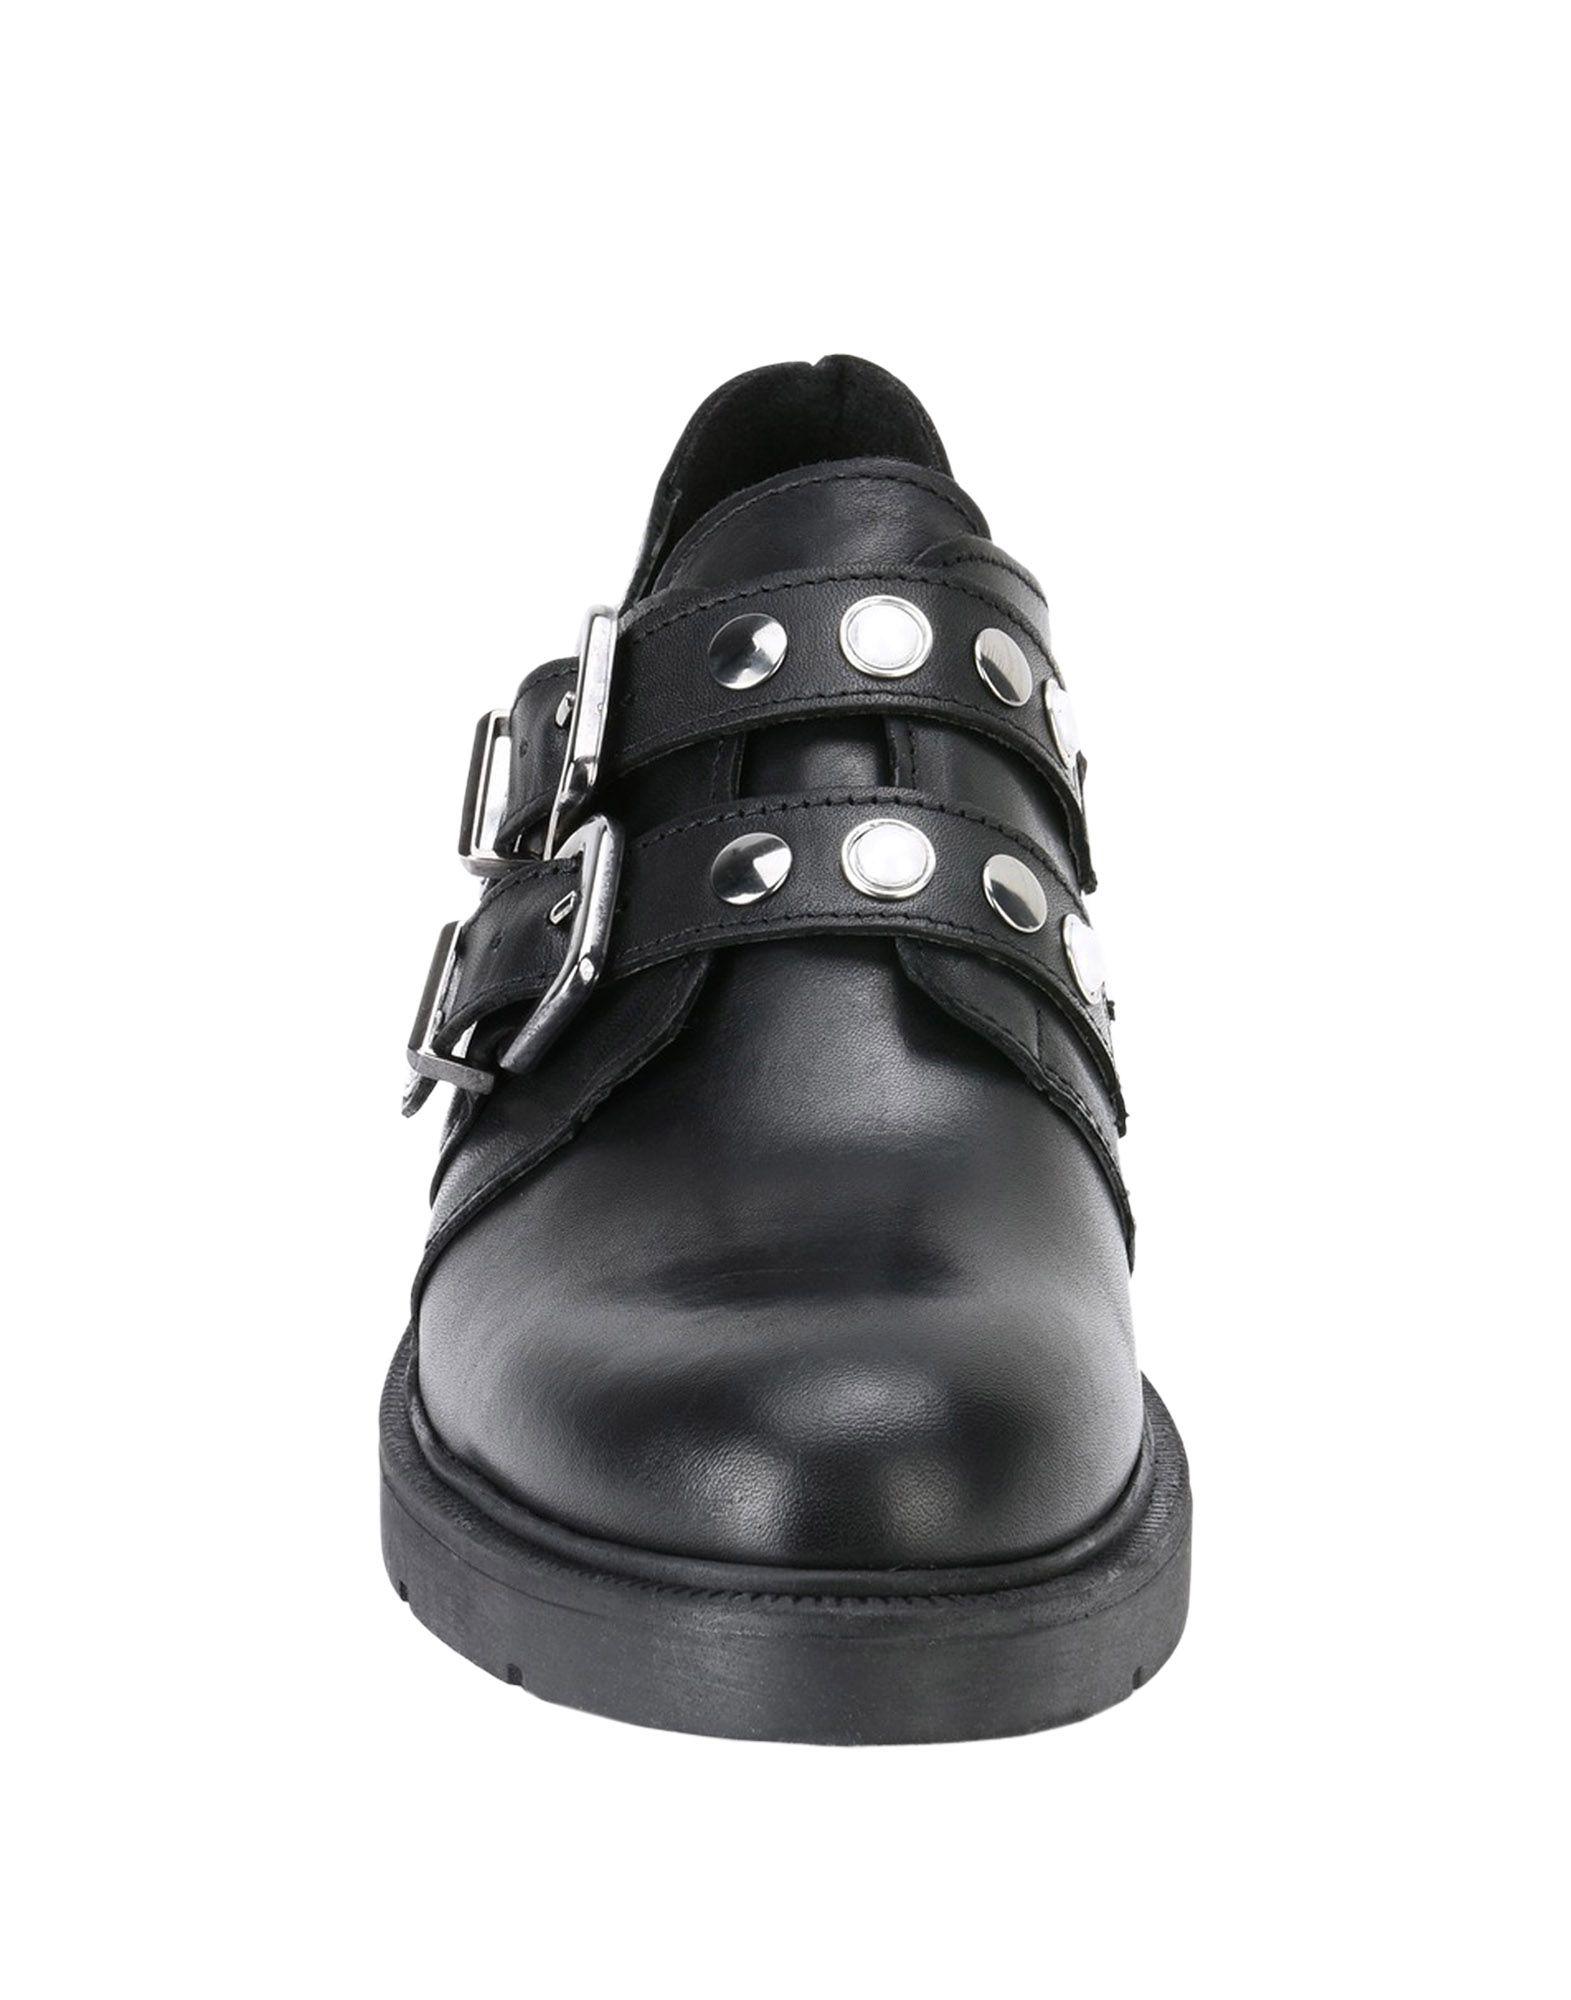 George J. Love Mokassins Gute Damen  11405389FI Gute Mokassins Qualität beliebte Schuhe fa7ec1